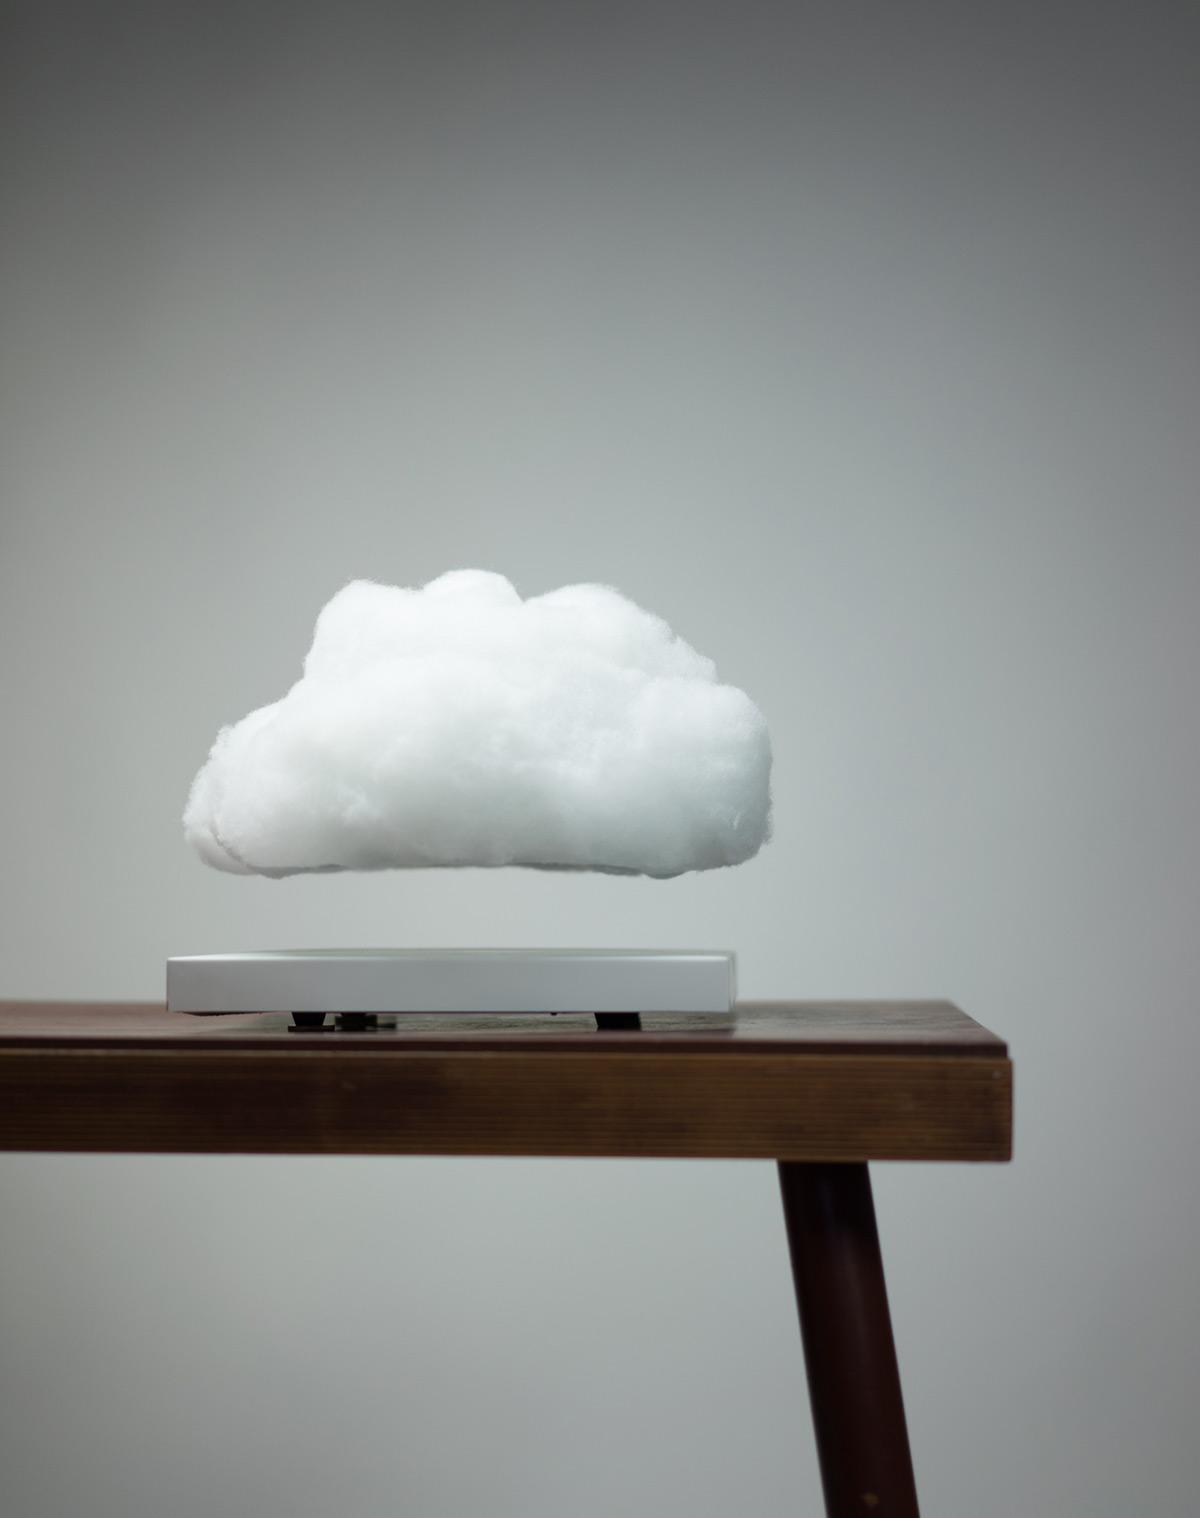 Ричард Кларксон: интерактивный гаджет в виде левитирующего облака